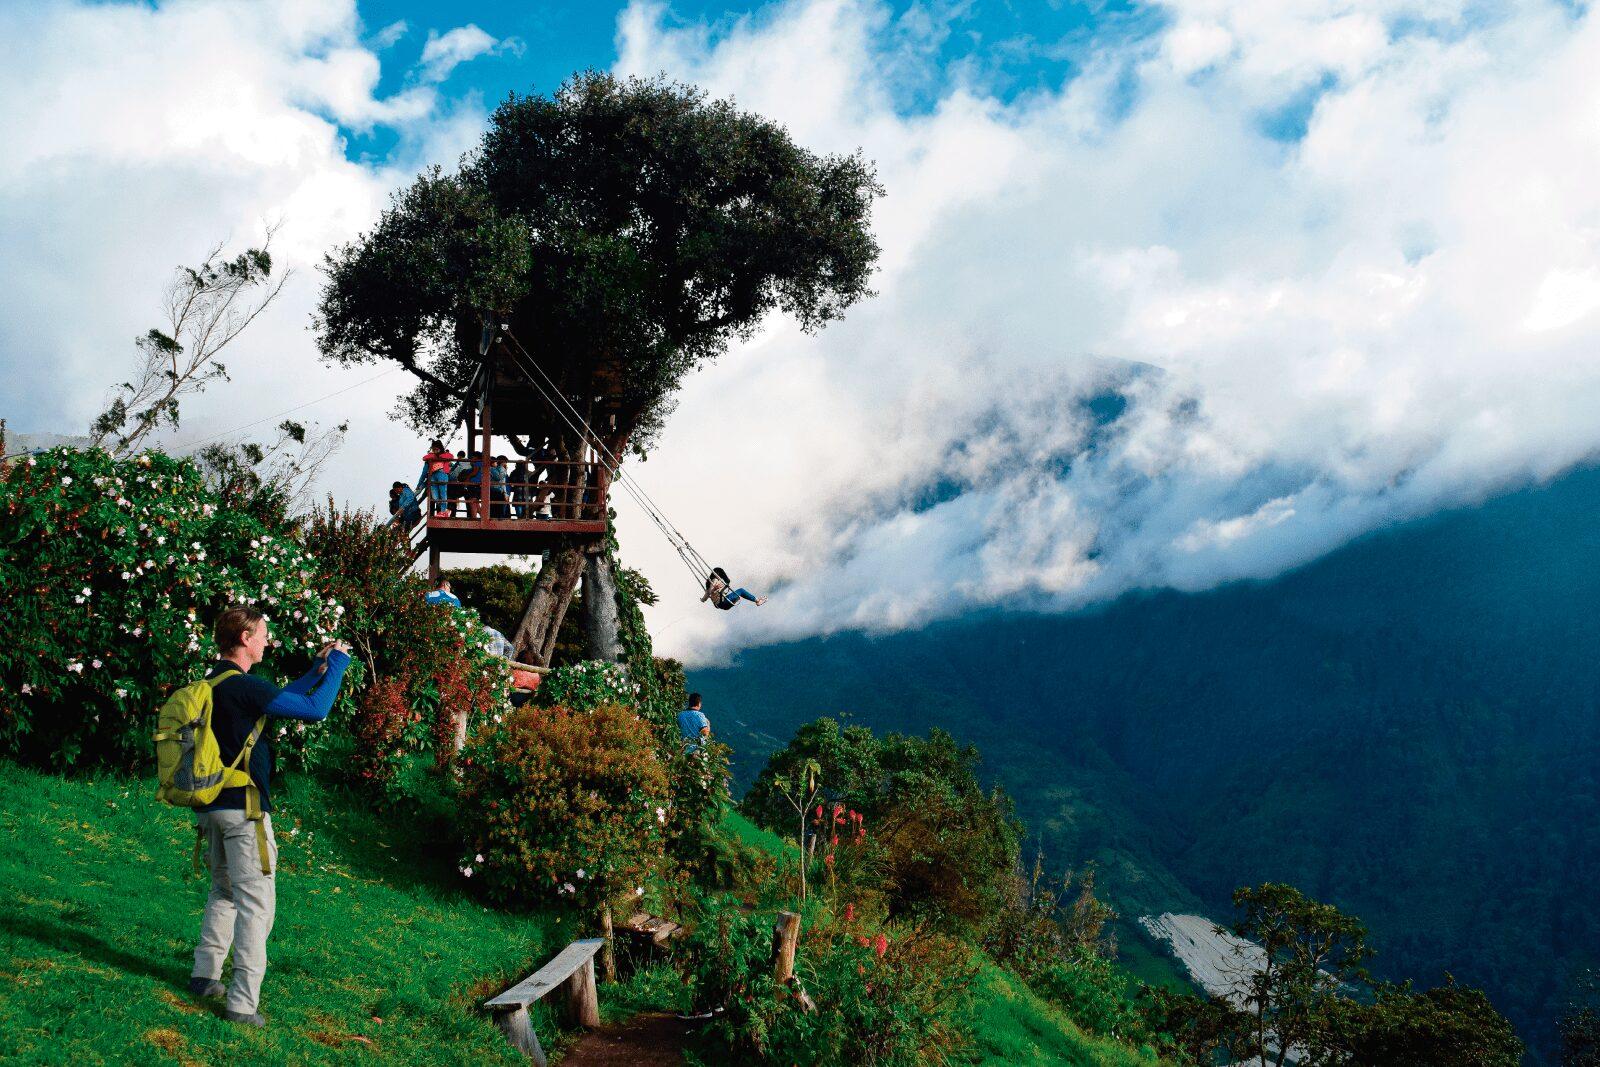 Operadoras de Turismo en Ecuador - Go Ecuador | Guía Turística, Hospedaje y Tours en Ecuador